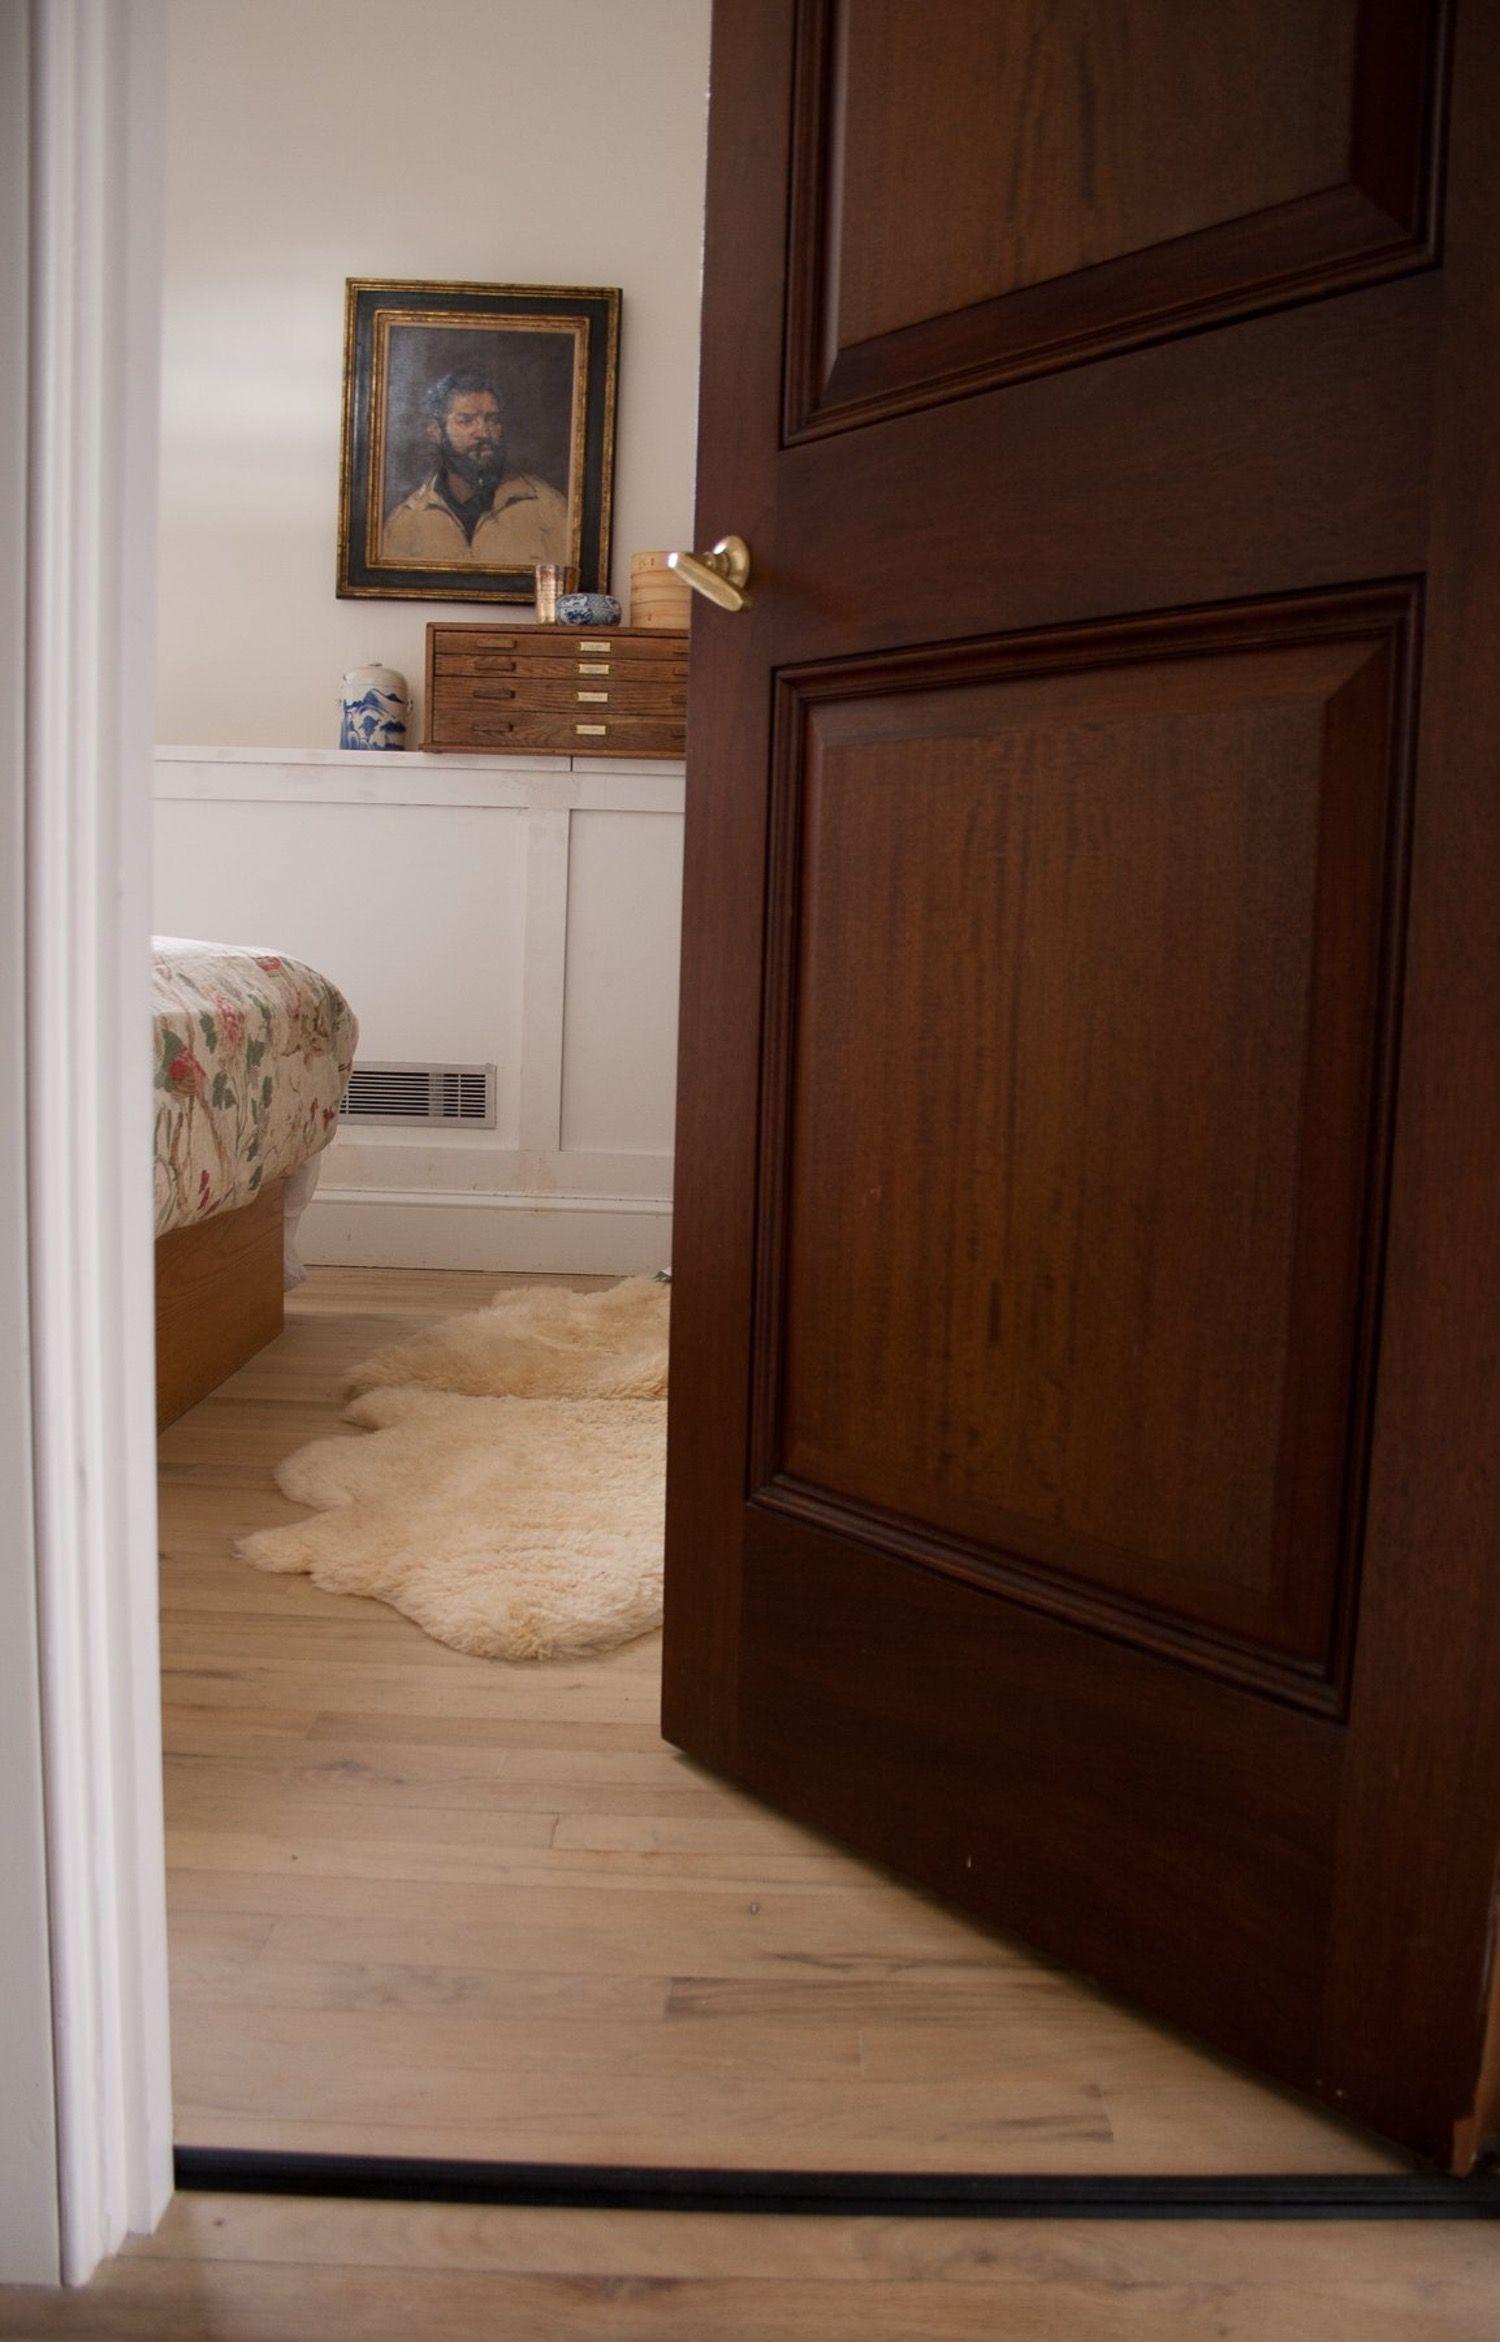 Soundproof Your Rental Bedroom in Under 10 Minutes | Bedrooms ...